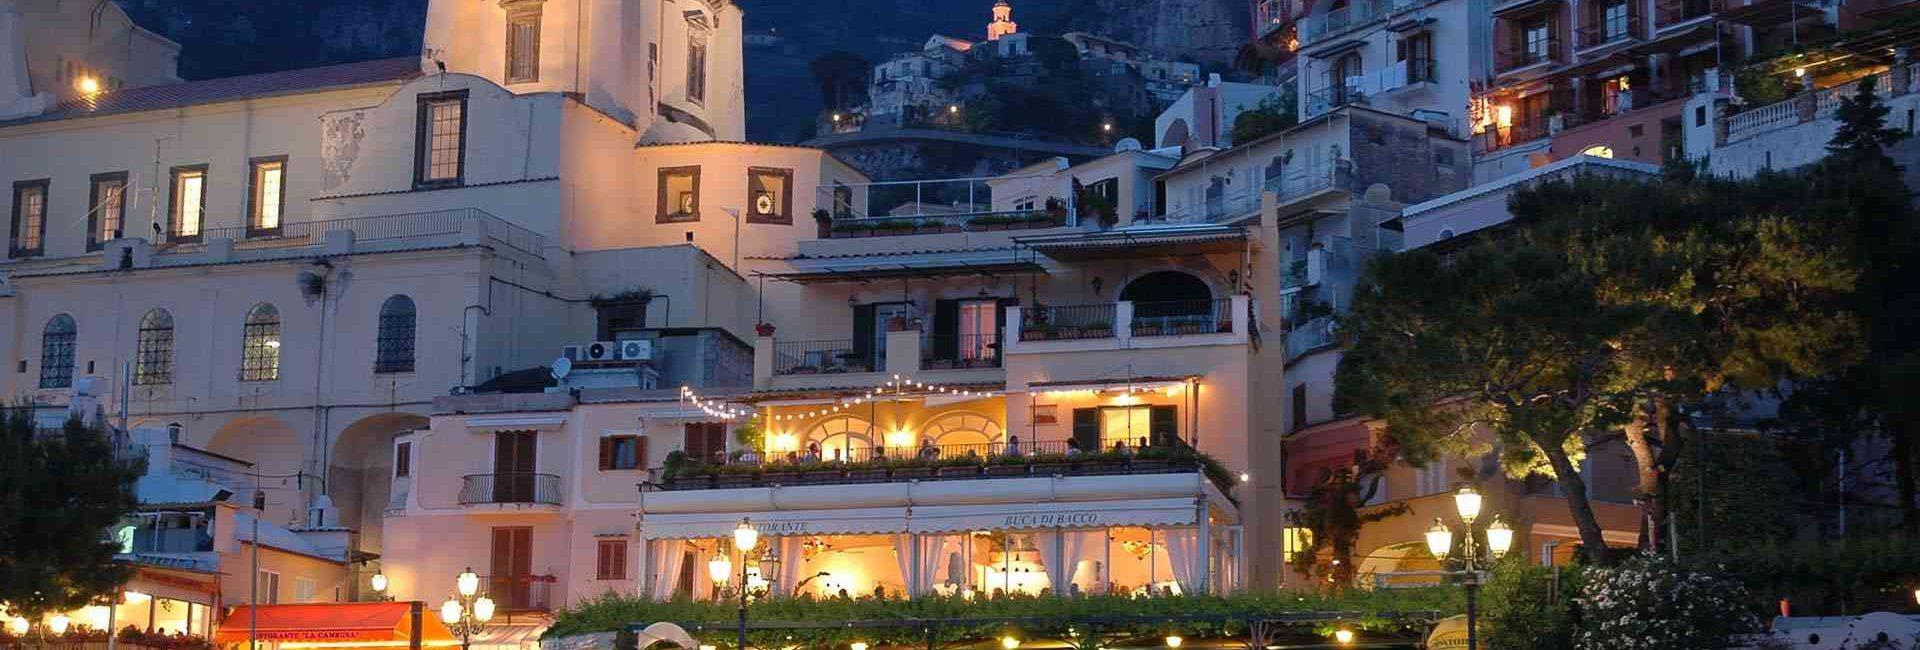 Hotel Buca di Bacco Positano (9)